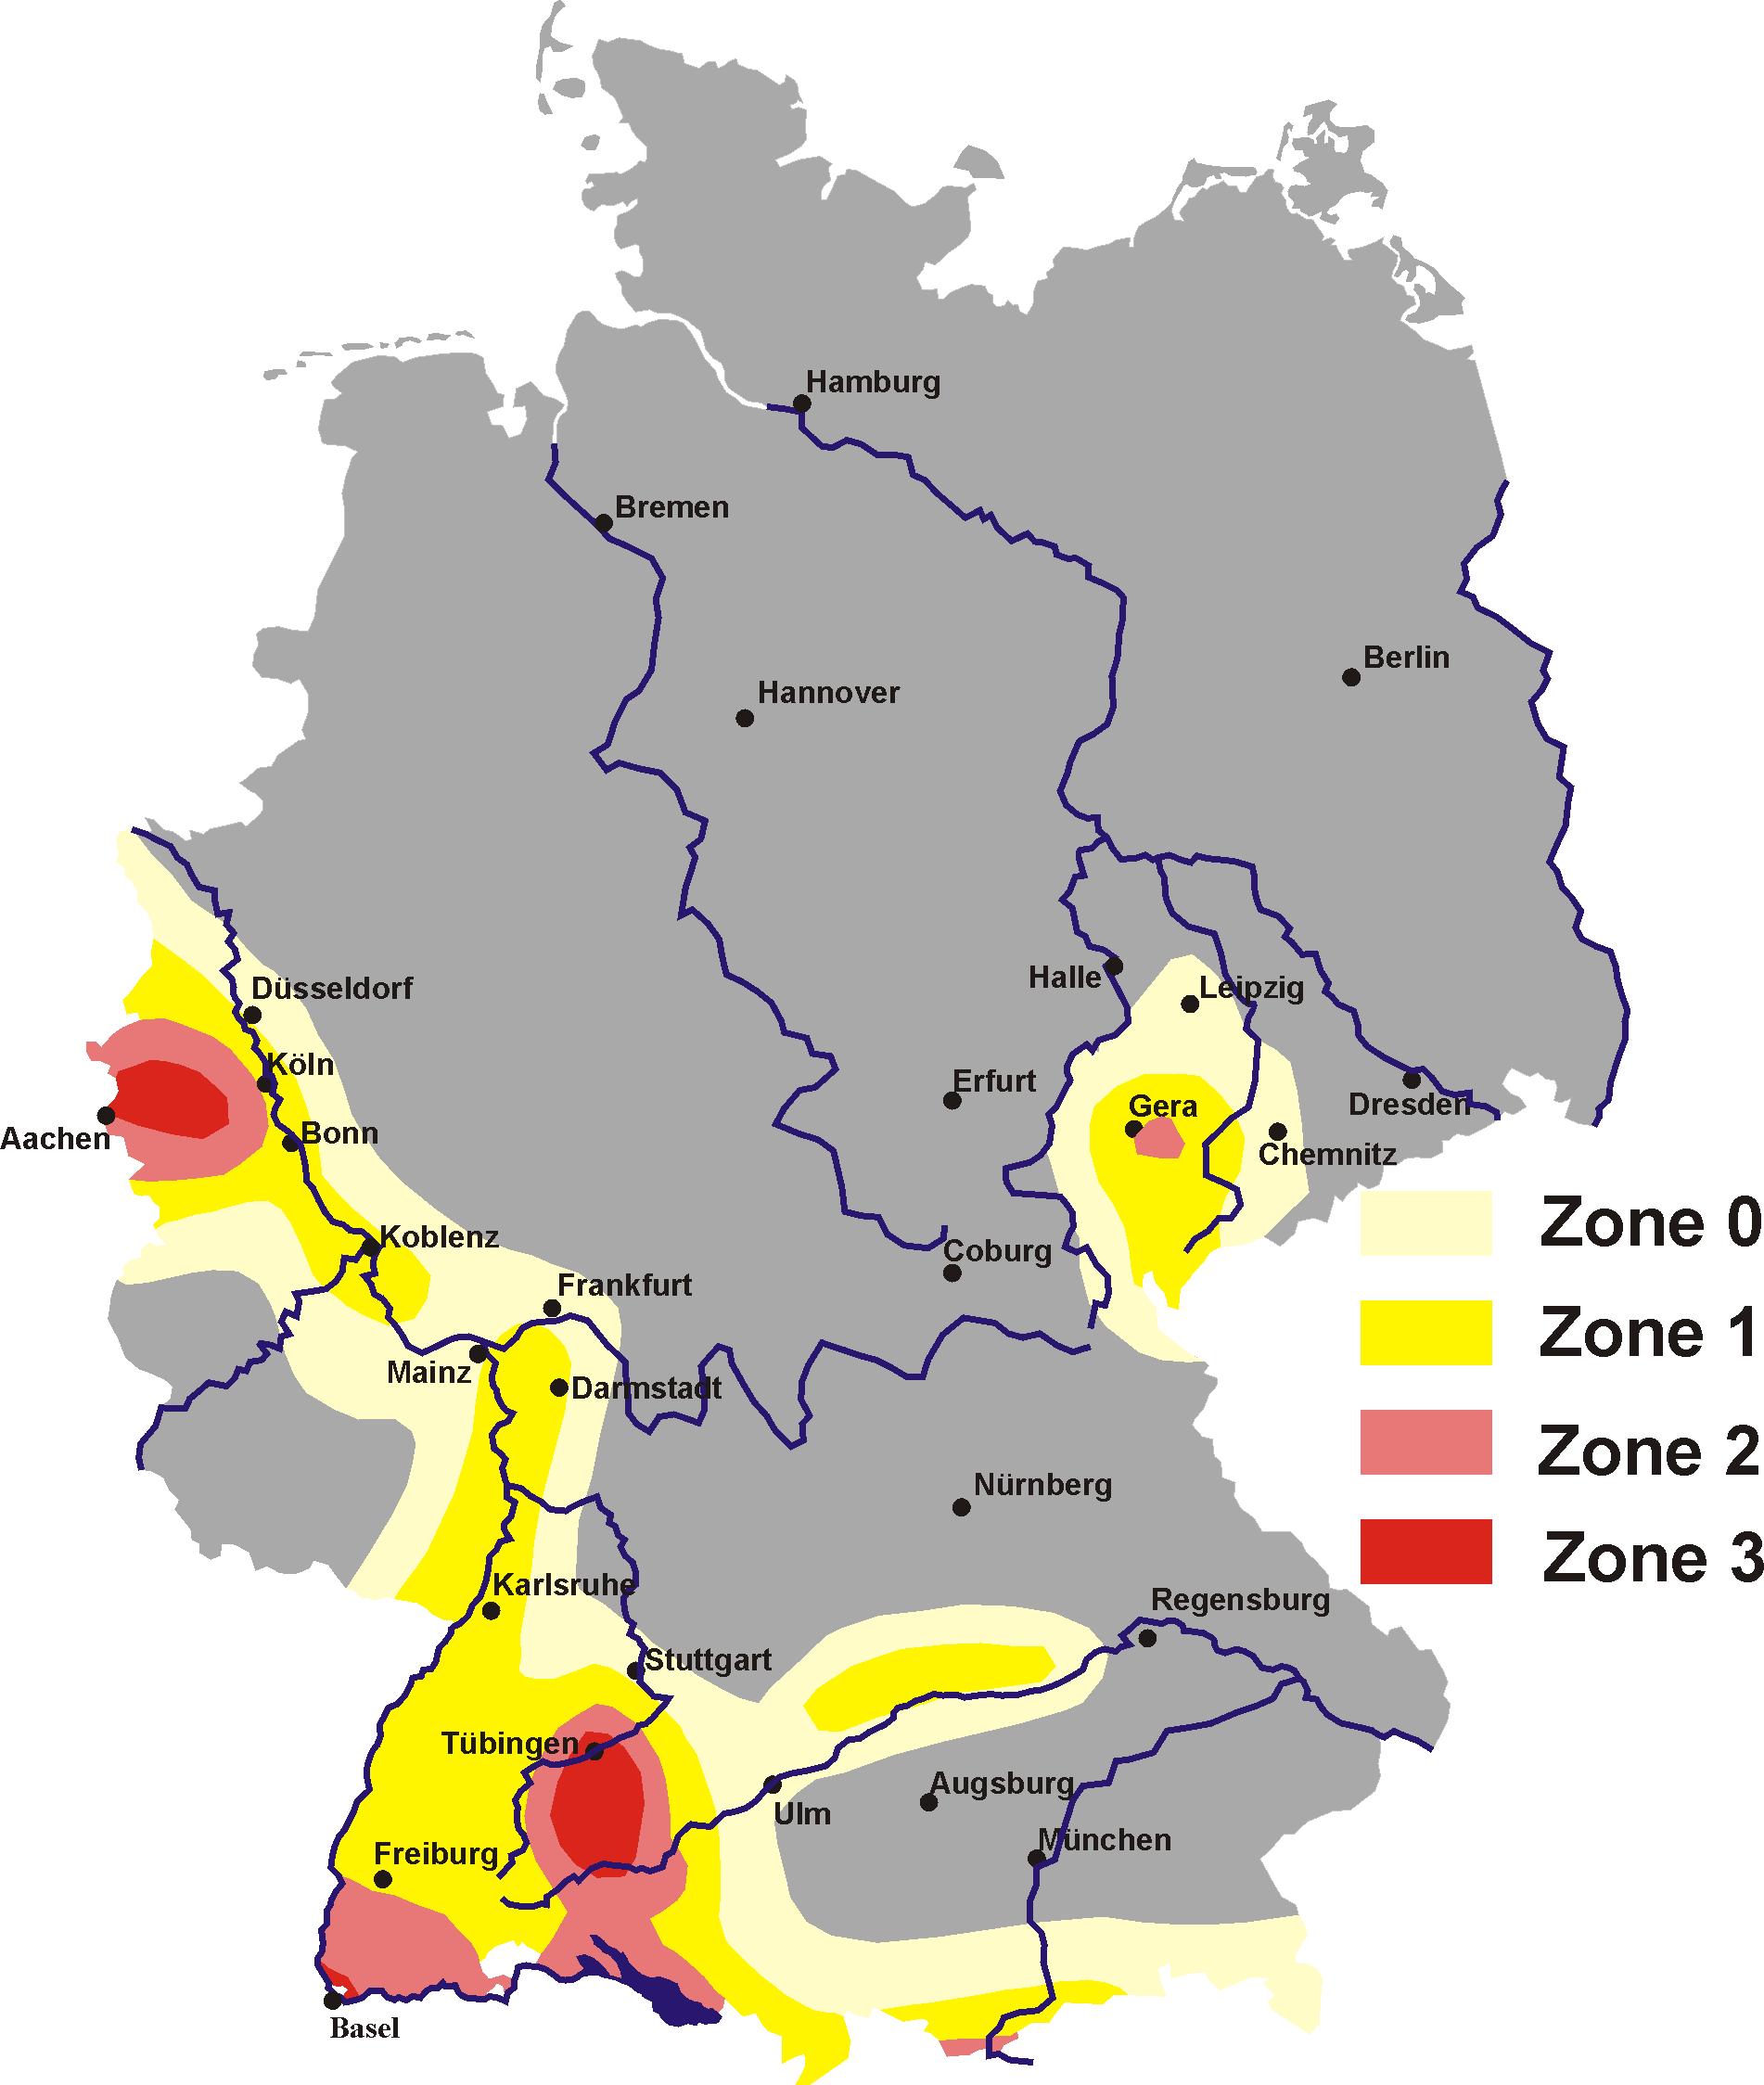 karte erdbebenzonen deutschland Erdbebenzone – Wikipedia